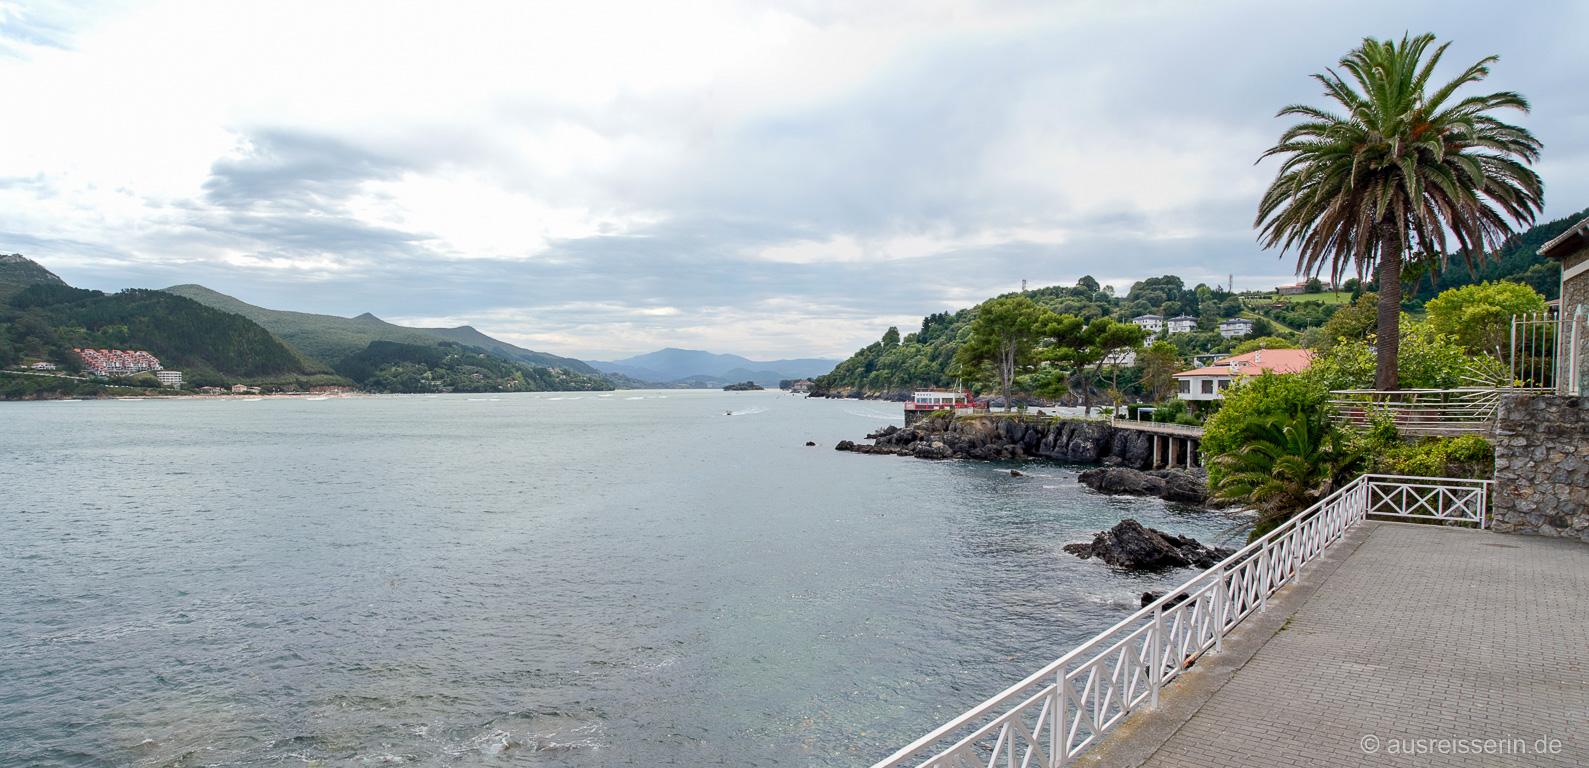 Mündungsgebiet des Río Oka